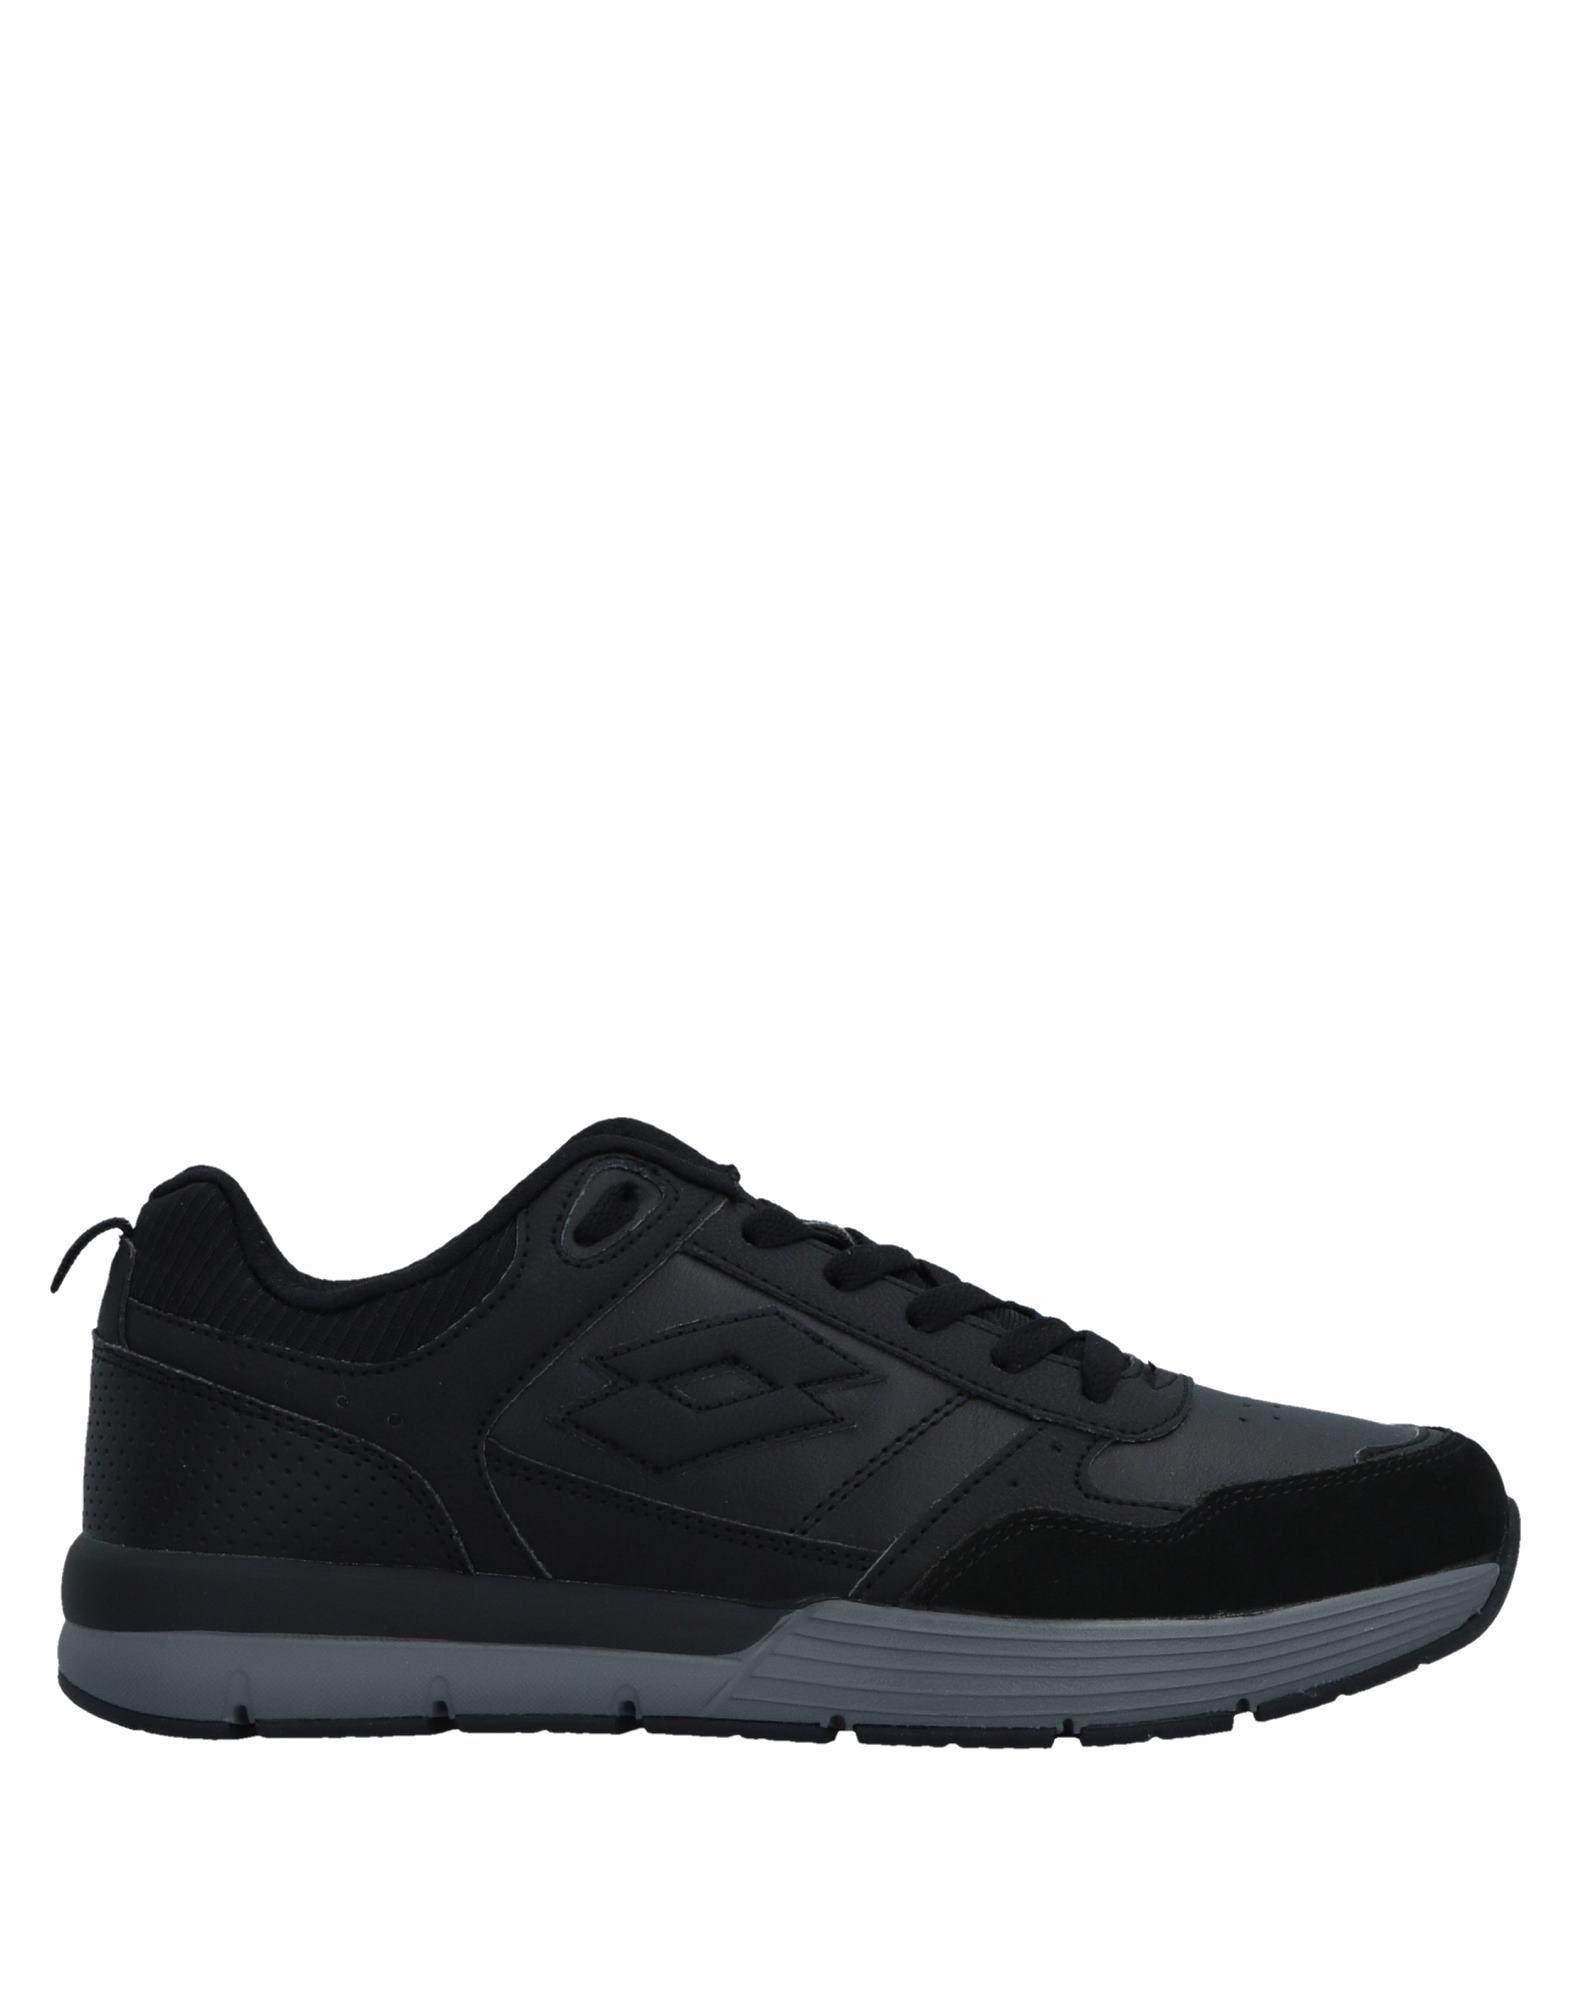 Sneakers Lotto Uomo - 11522994HB Scarpe economiche e buone